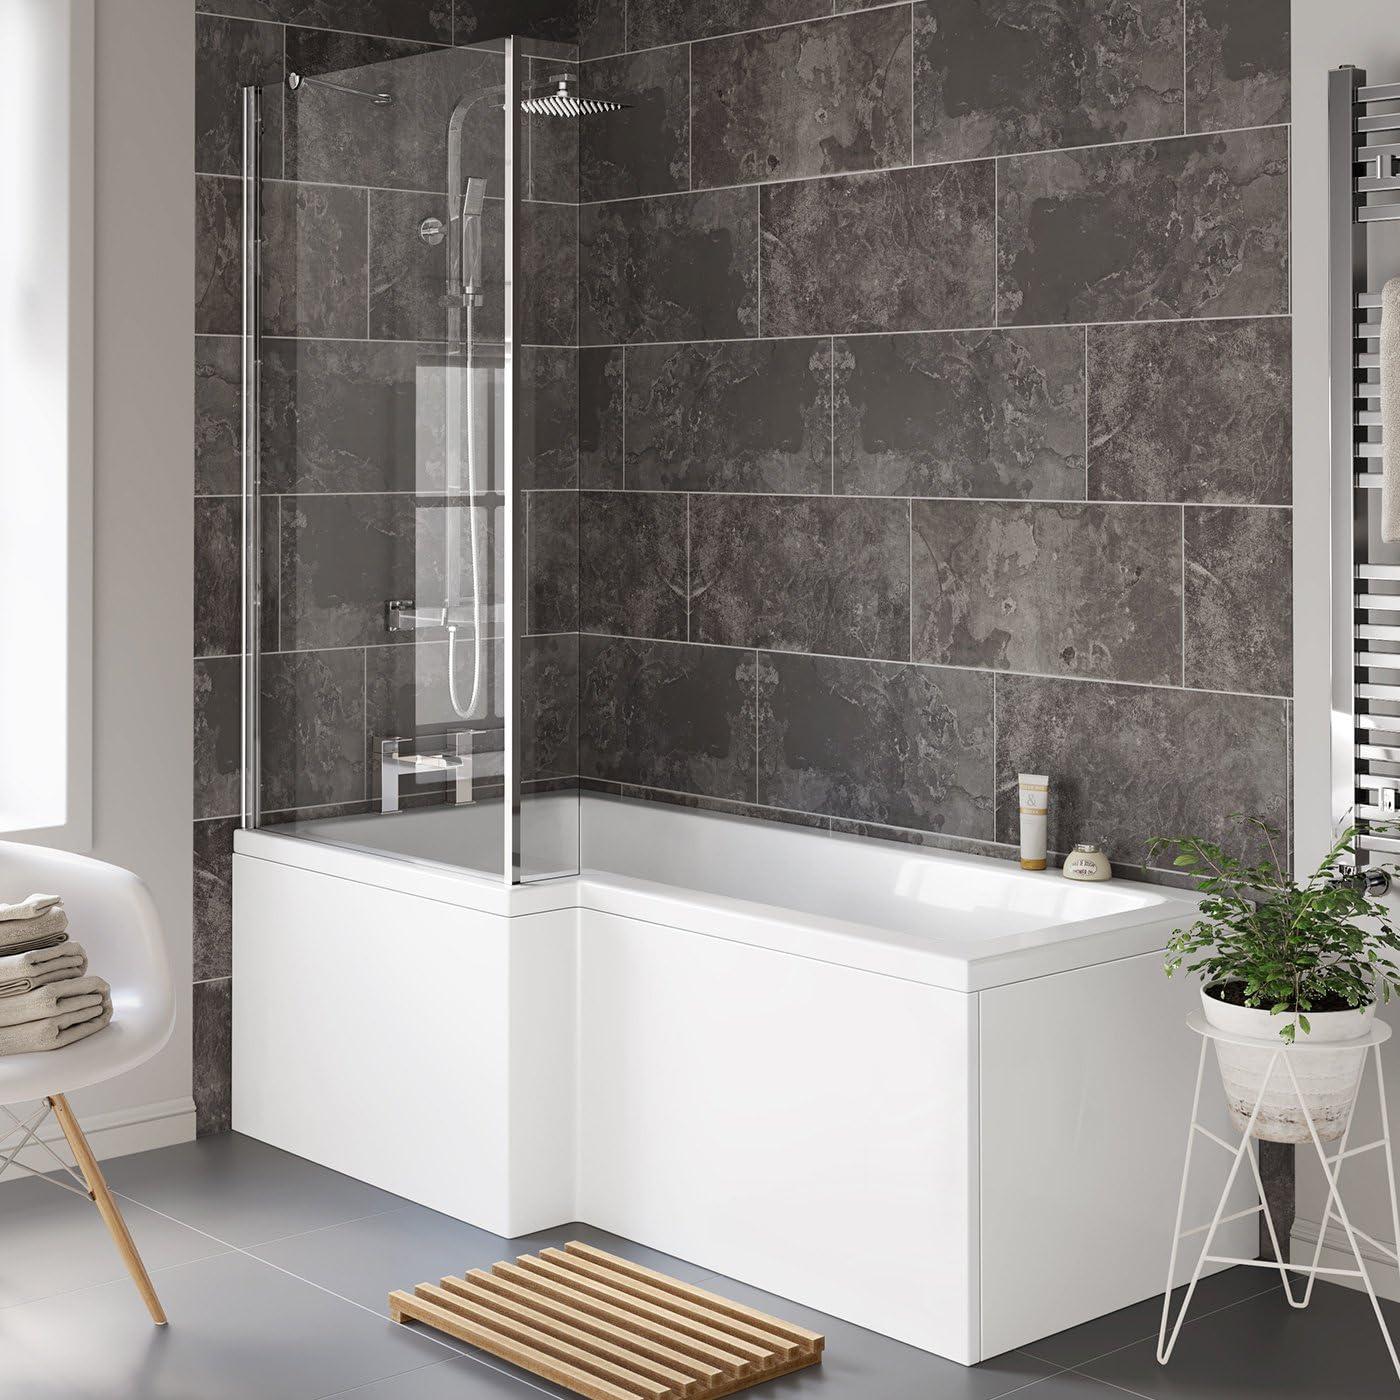 Bañera de 1700 mm en forma de L izquierda con mampara + panel BL116.: iBathUK: Amazon.es: Hogar